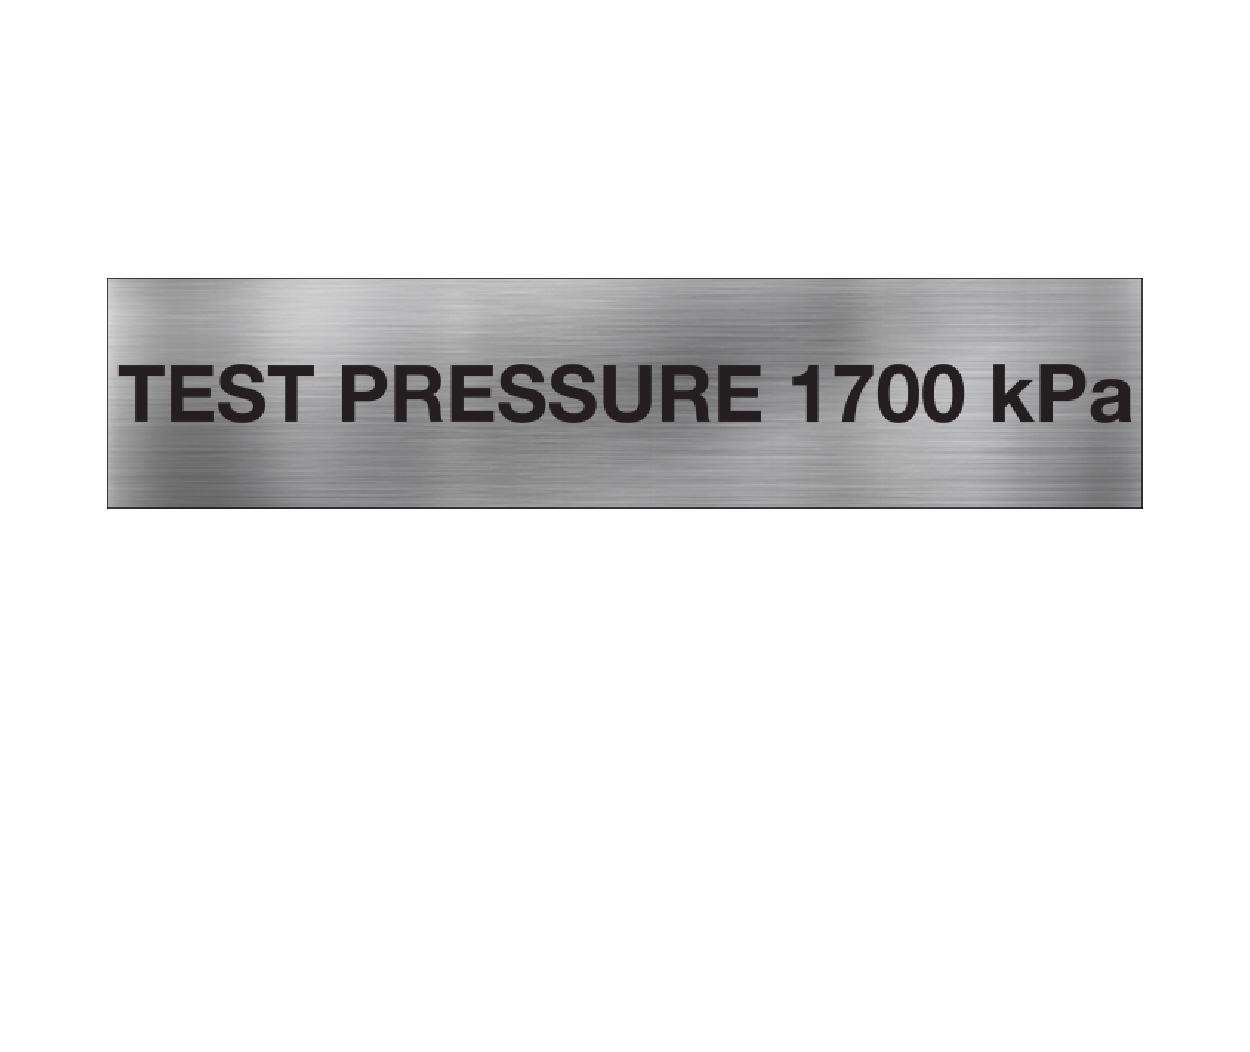 Test Pressure 1700 kPa